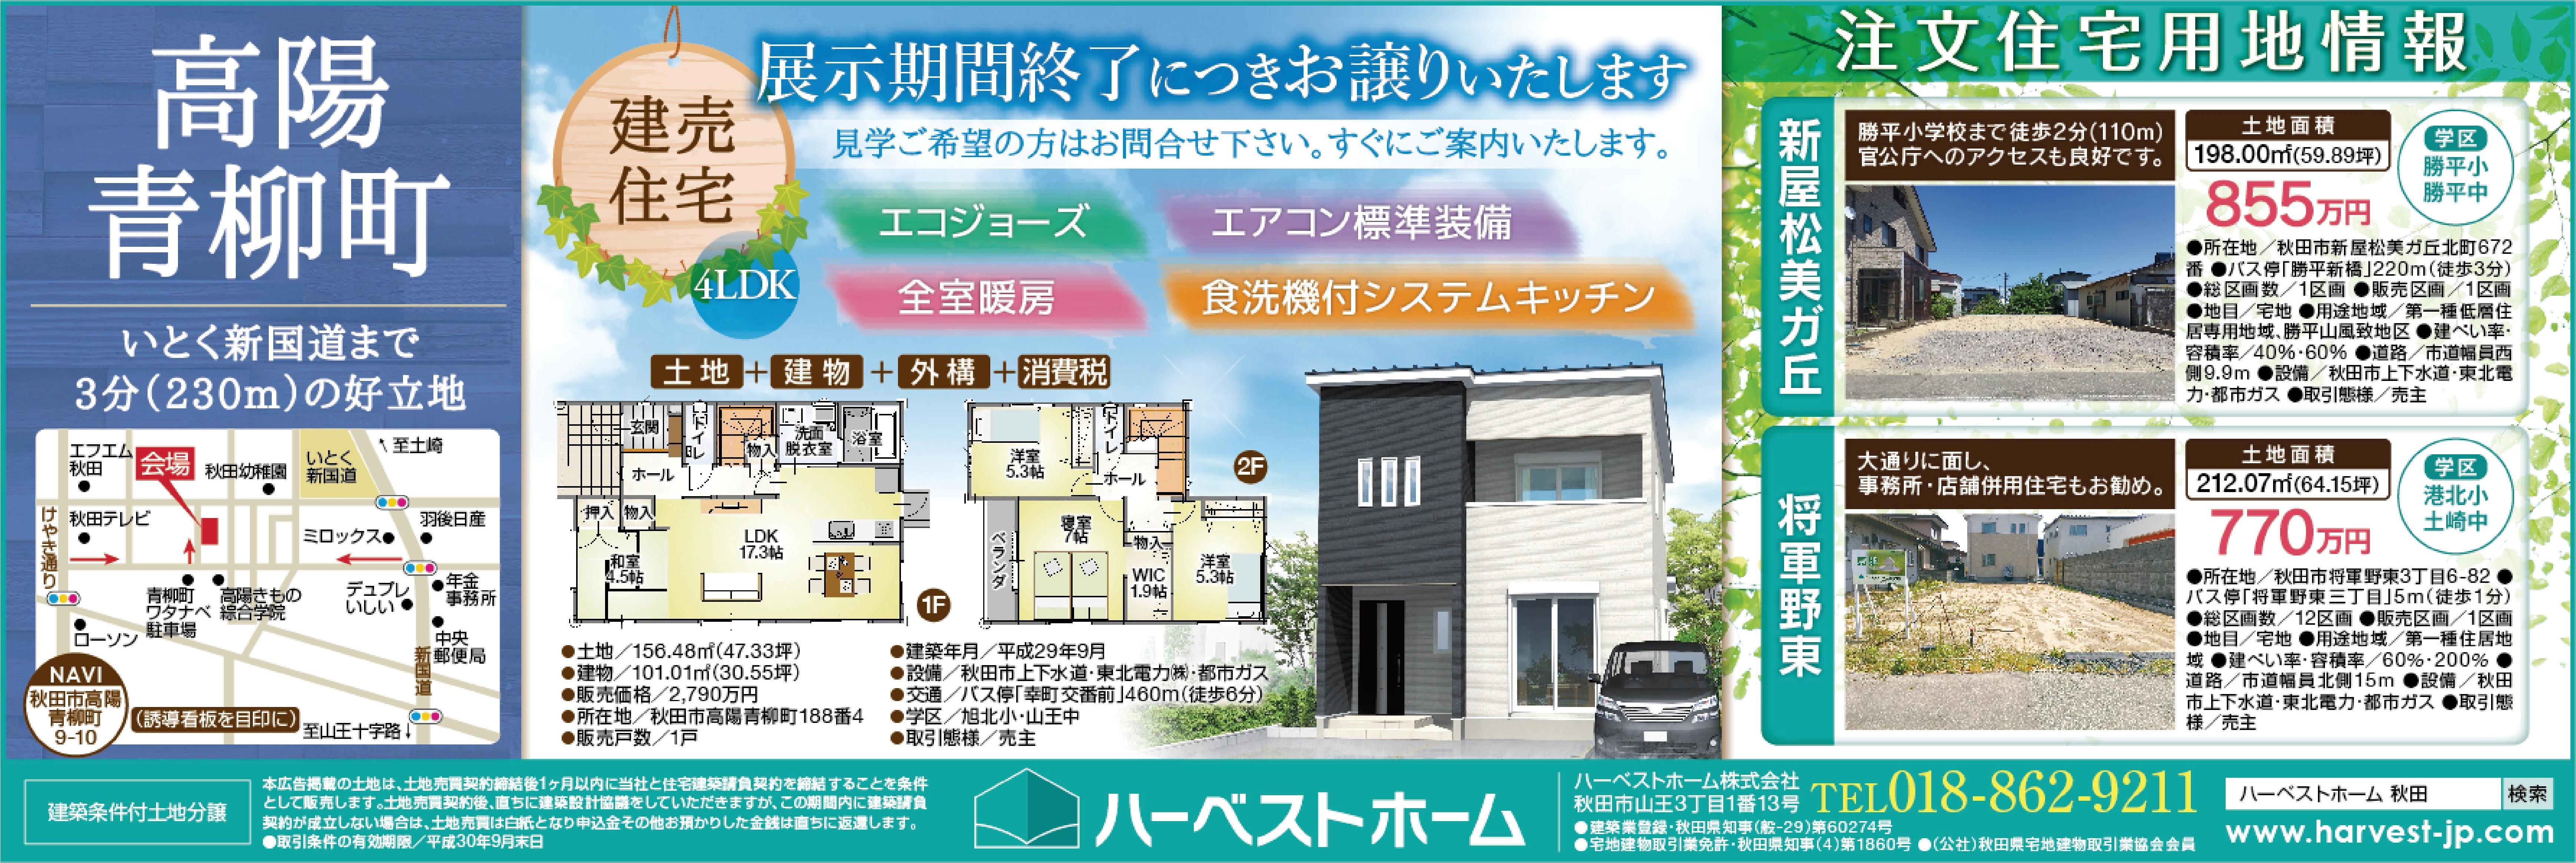 注文住宅用地2ヶ所 & 建売住宅 / 販売会